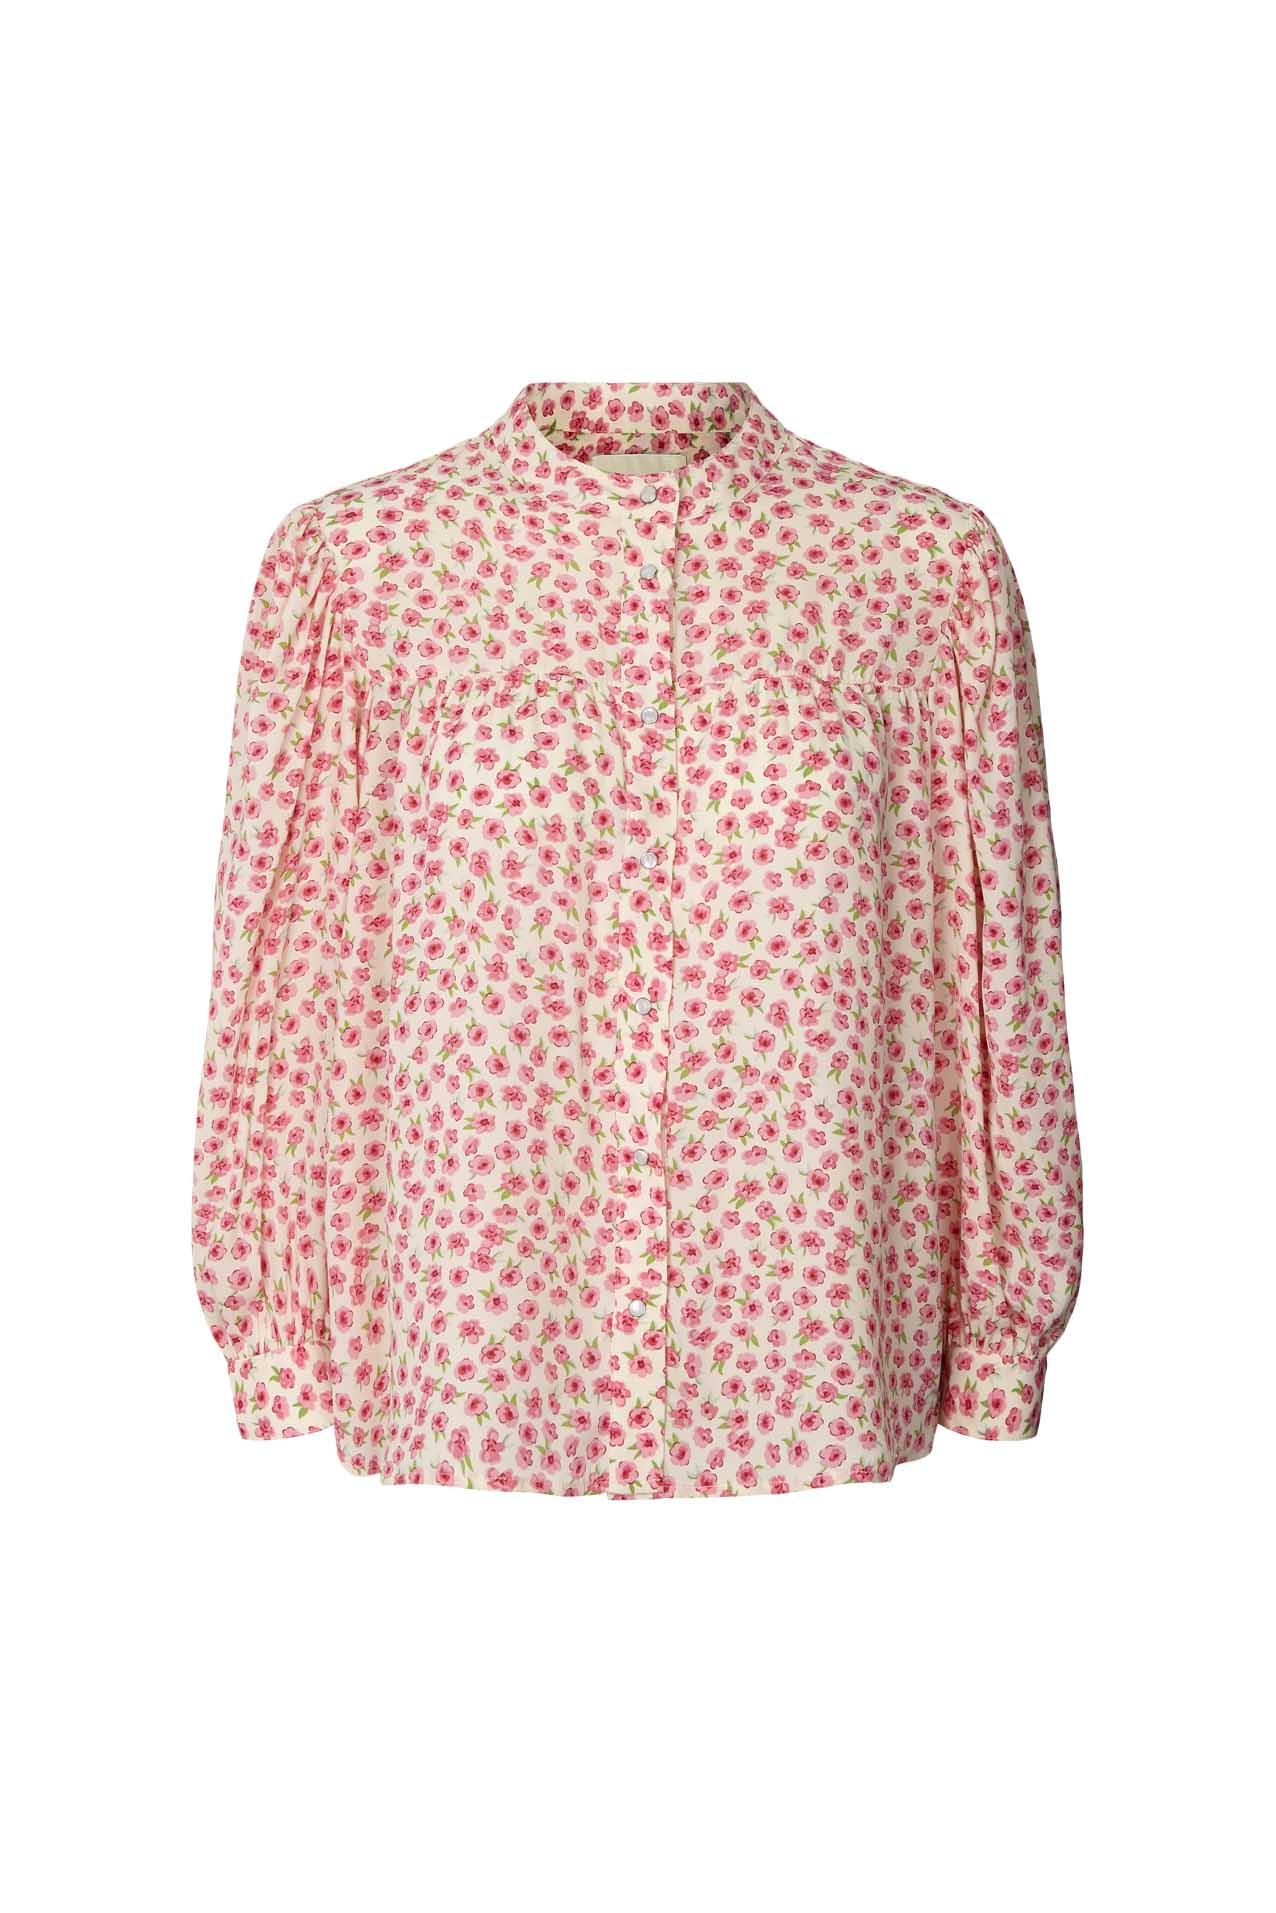 Lollys Laundry Frankie skjorte